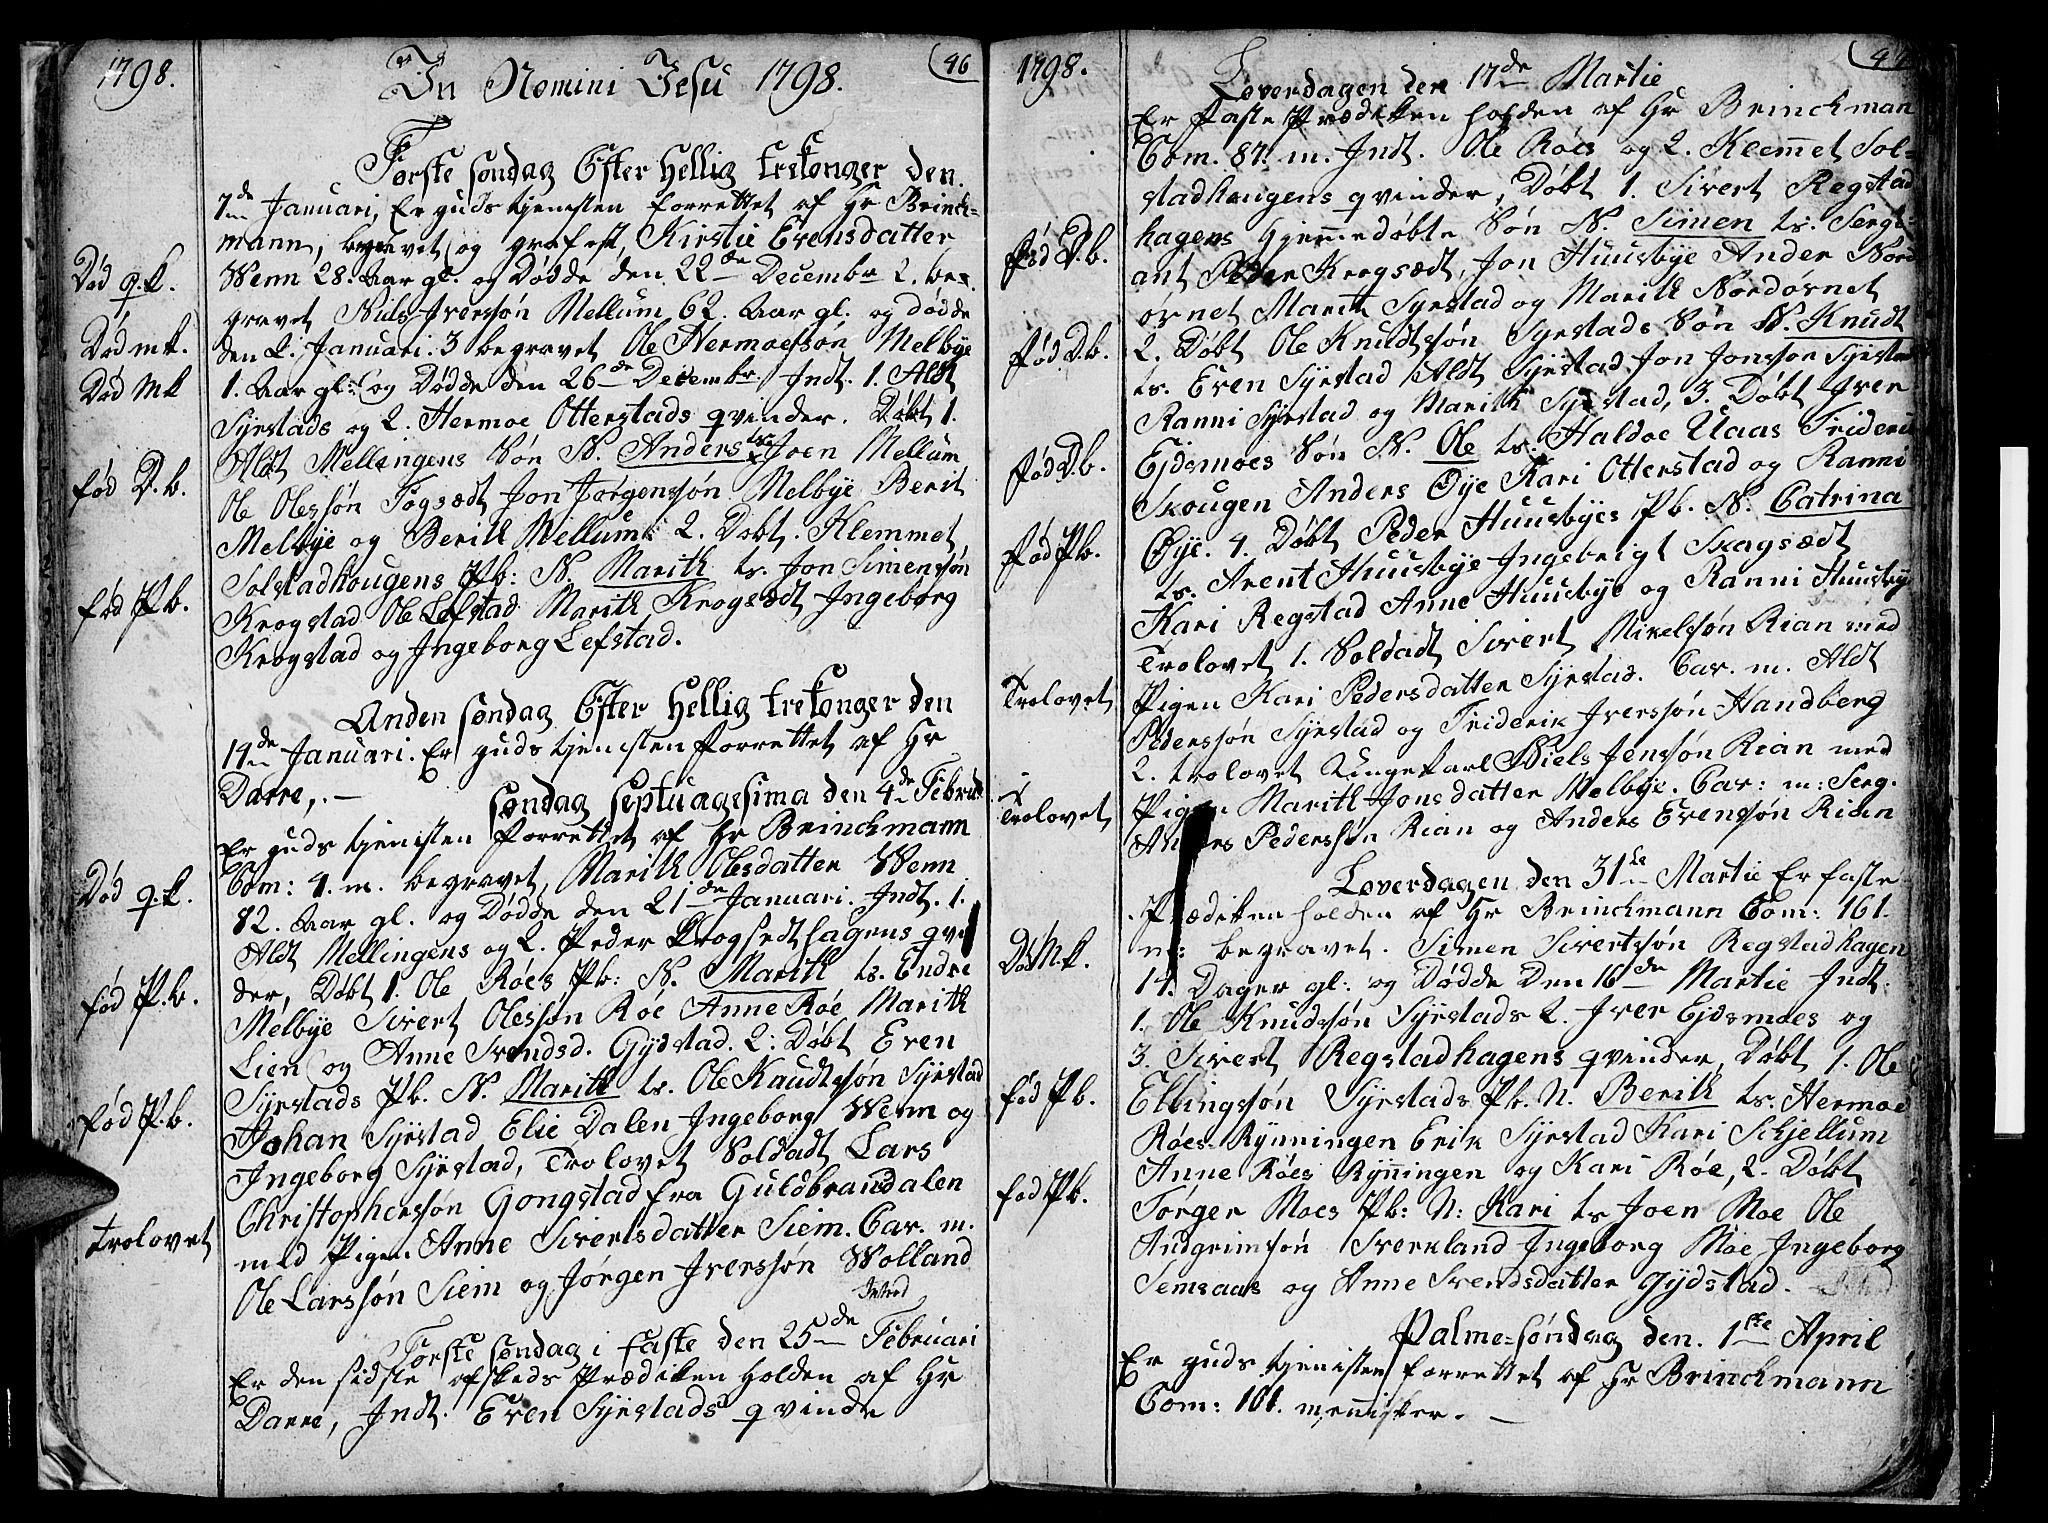 SAT, Ministerialprotokoller, klokkerbøker og fødselsregistre - Sør-Trøndelag, 667/L0794: Ministerialbok nr. 667A02, 1791-1816, s. 46-47